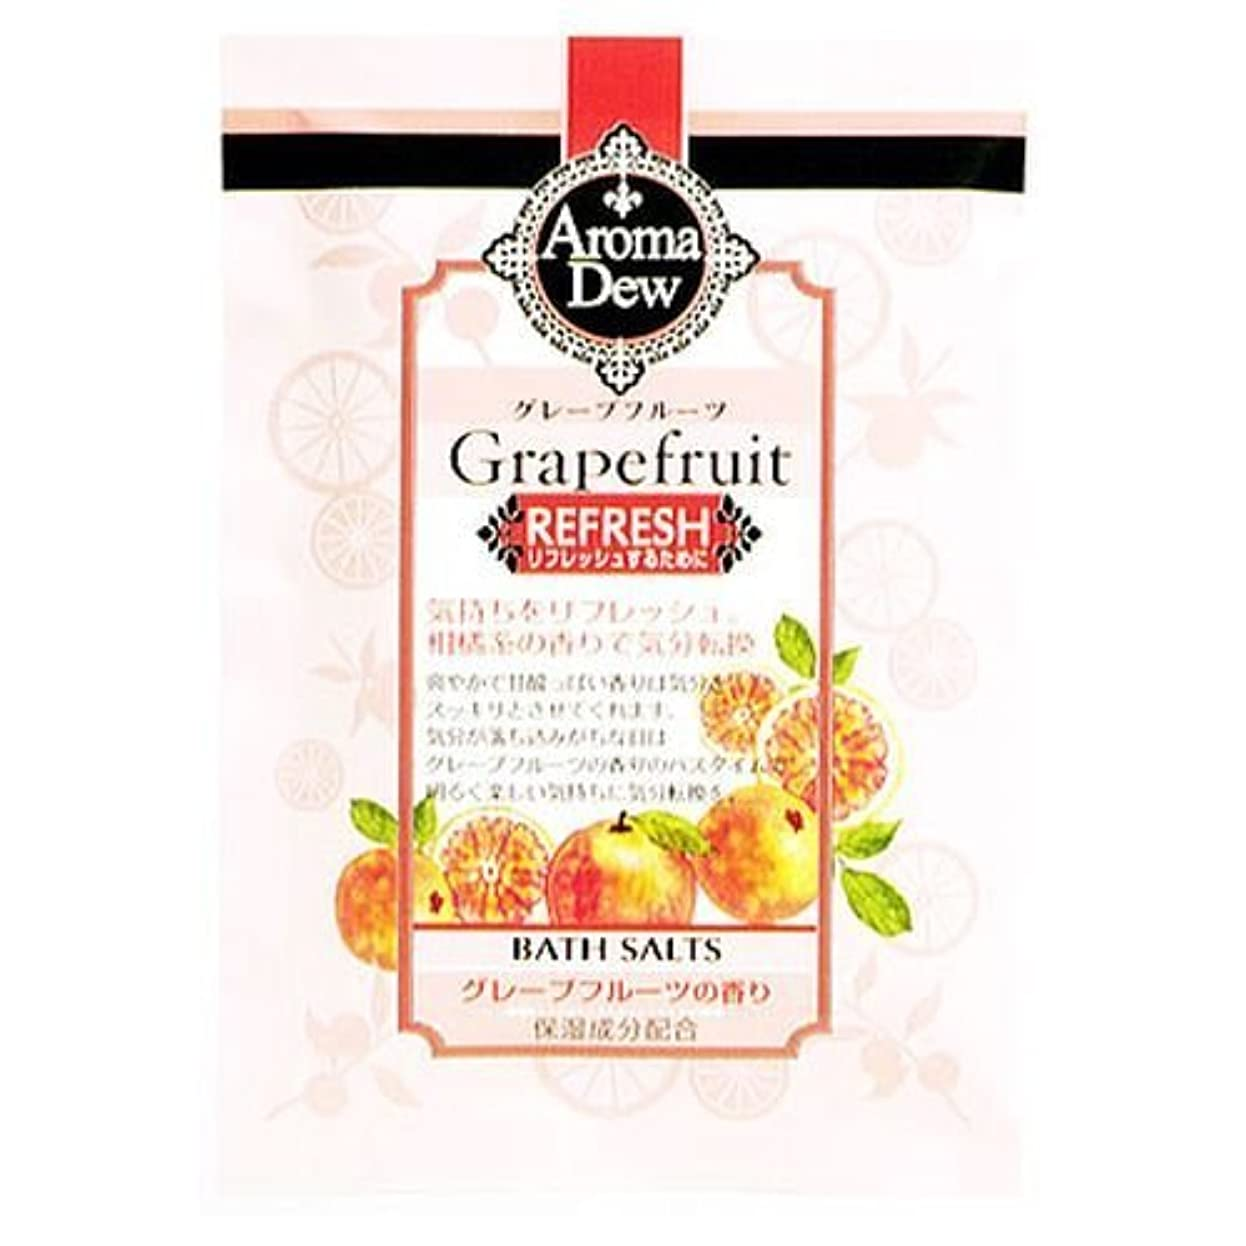 健康社会科メルボルンクロバーコーポレーション アロマデュウ バスソルト グレープフルーツの香り グレープフルーツ